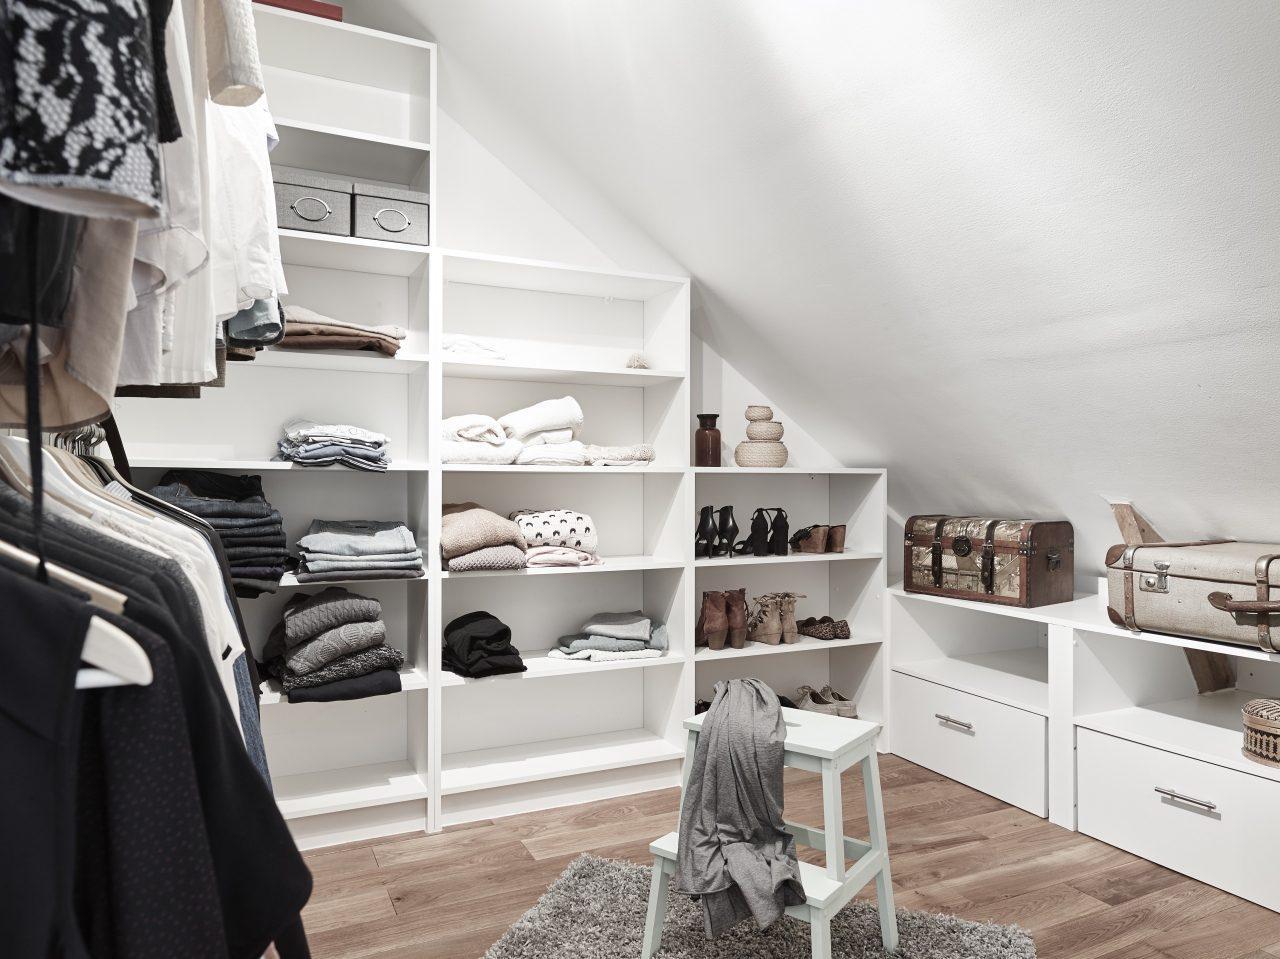 8 idee per un piccolo spogliatoio in mansarda - Cabina armadio mansarda ikea ...